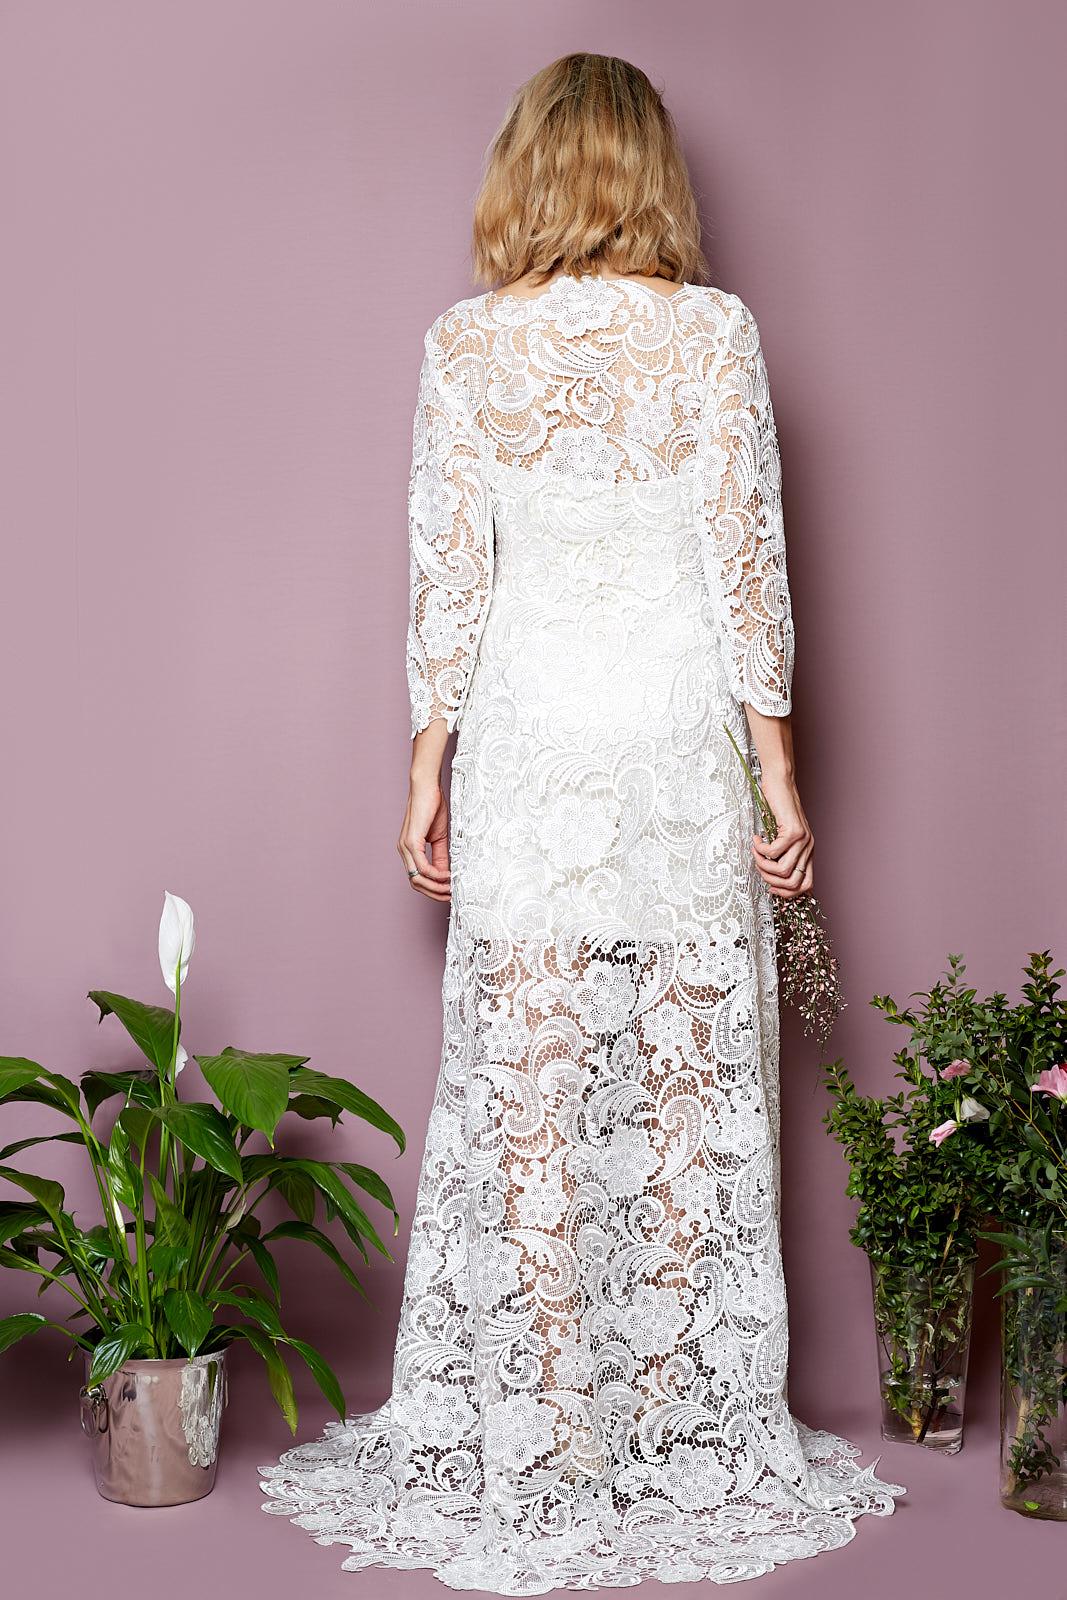 ALASKA Dress Ensemble  Guipure Lace Dress  Bustier 100% Silk Duchesse  Pencil Skirt 100% Silk Duchesse